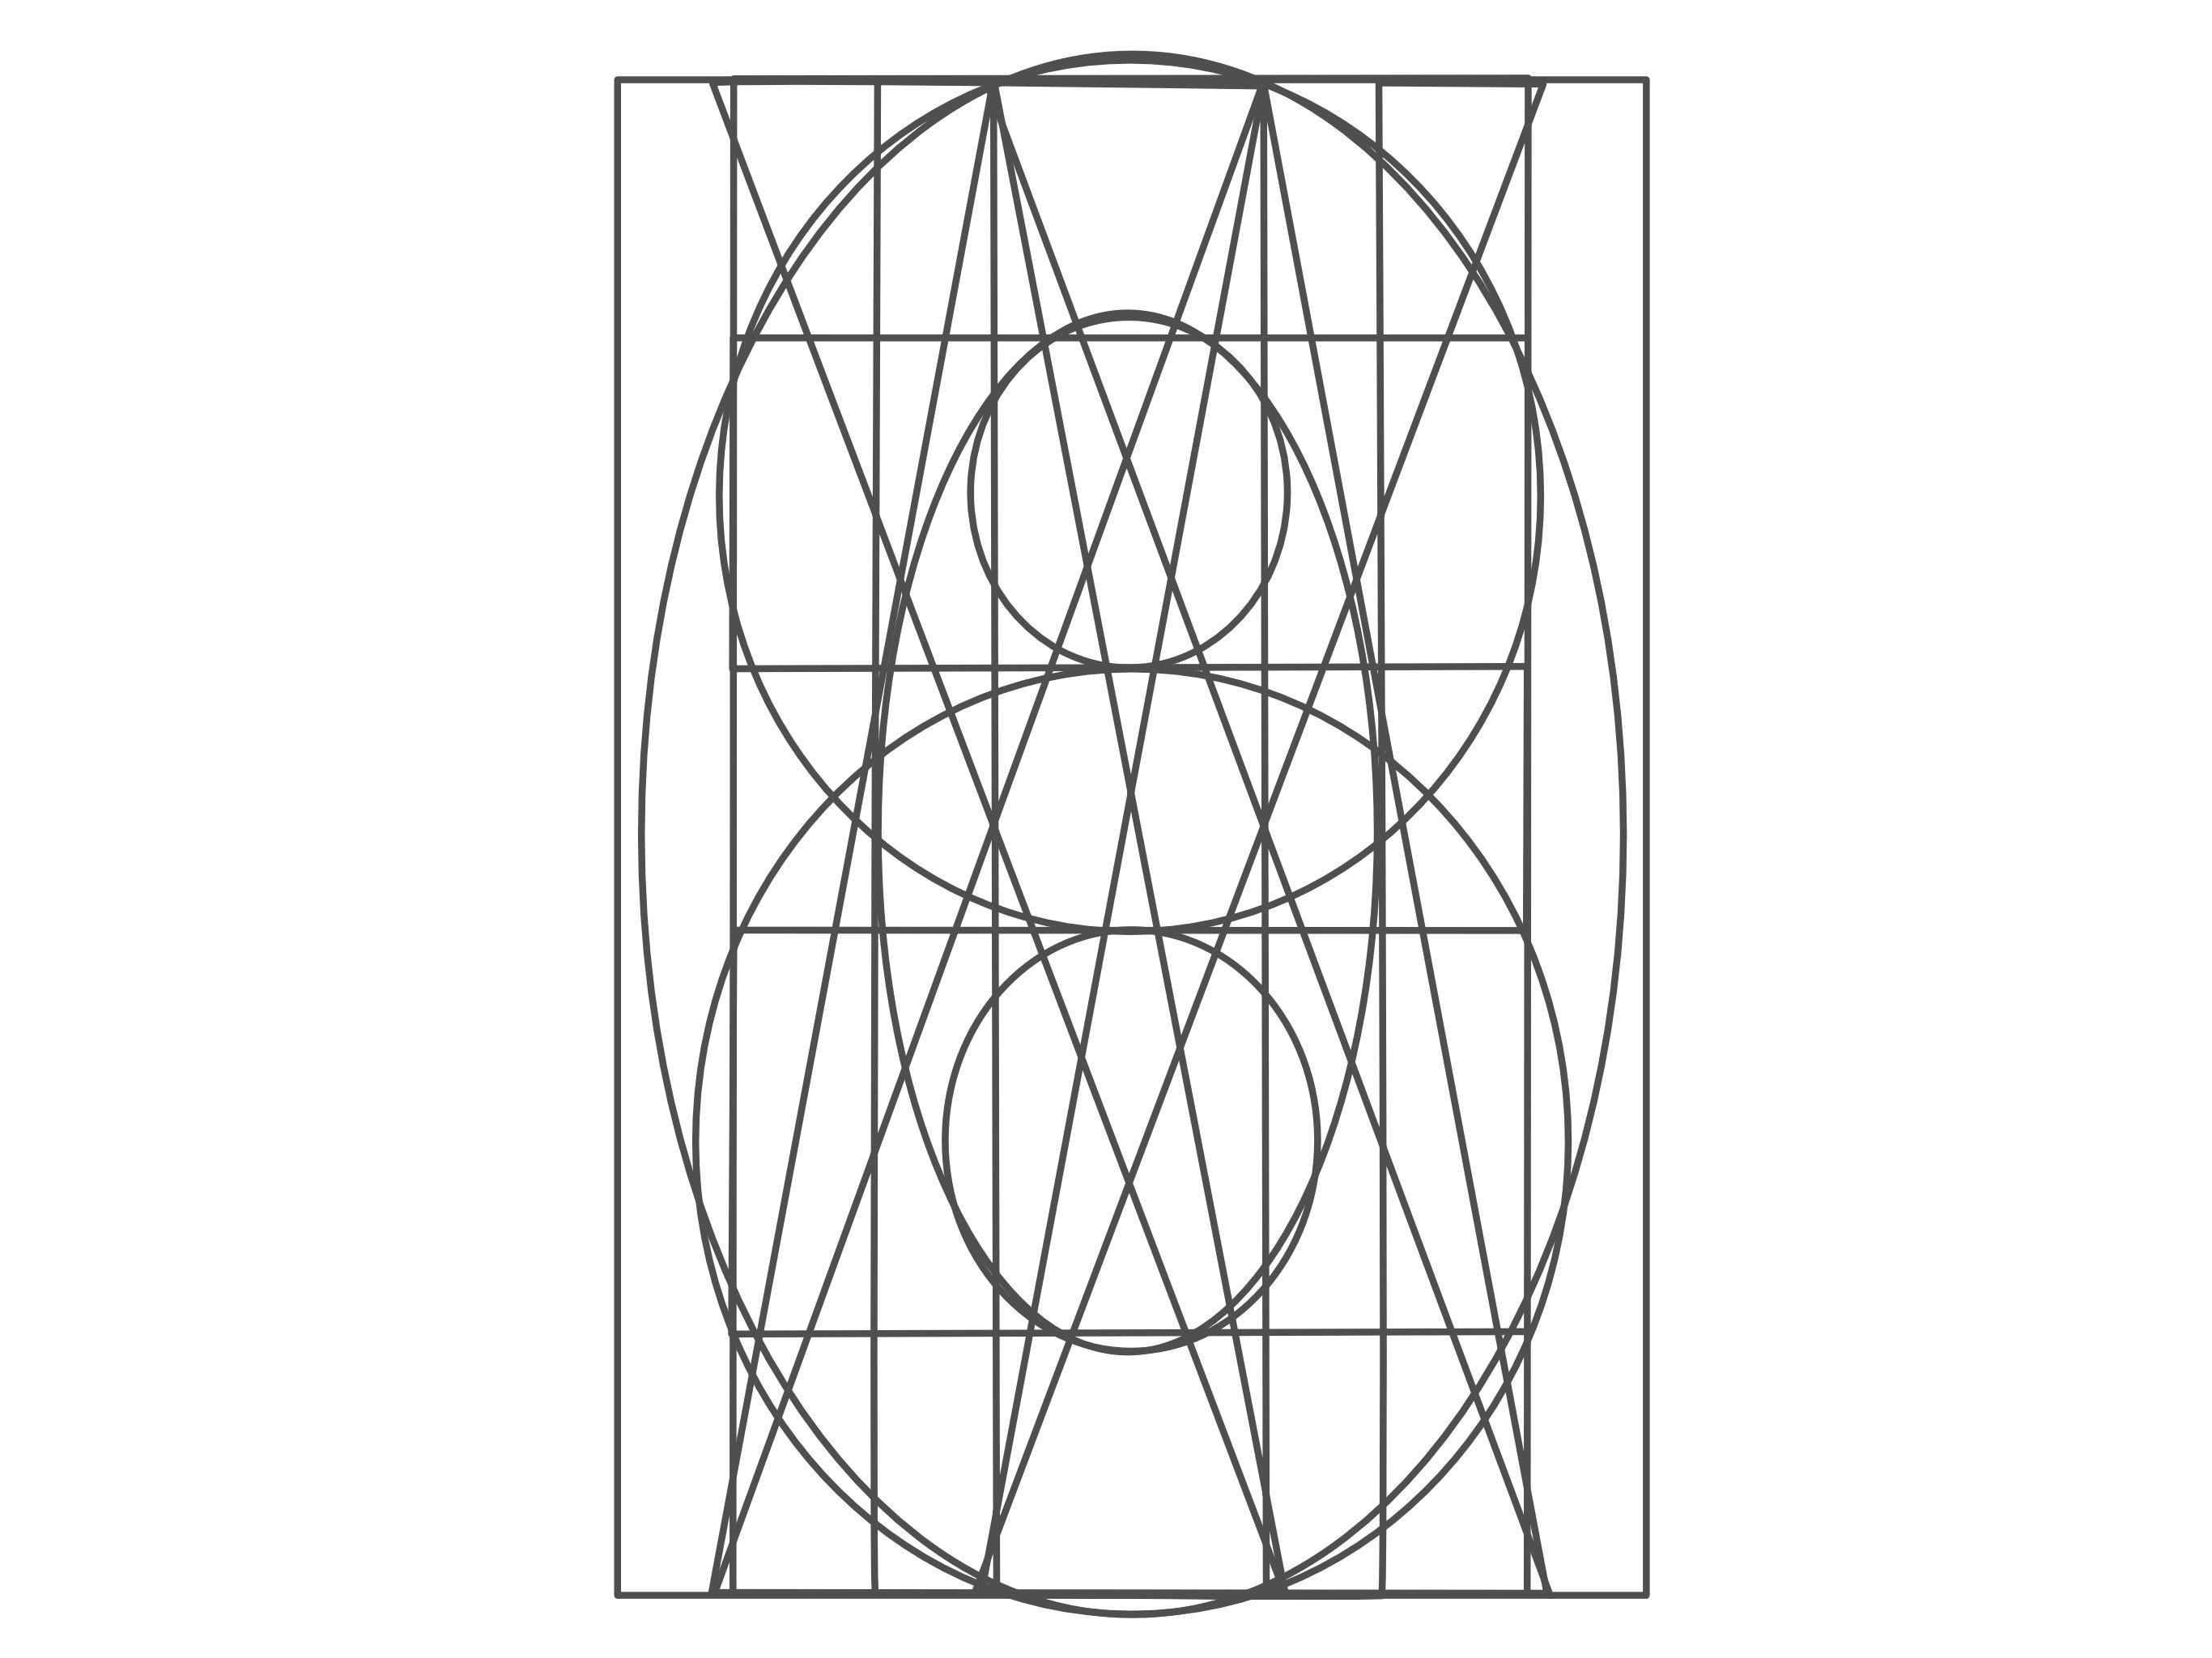 Procreate Adobe Affinity Designer Letter Grid Letter